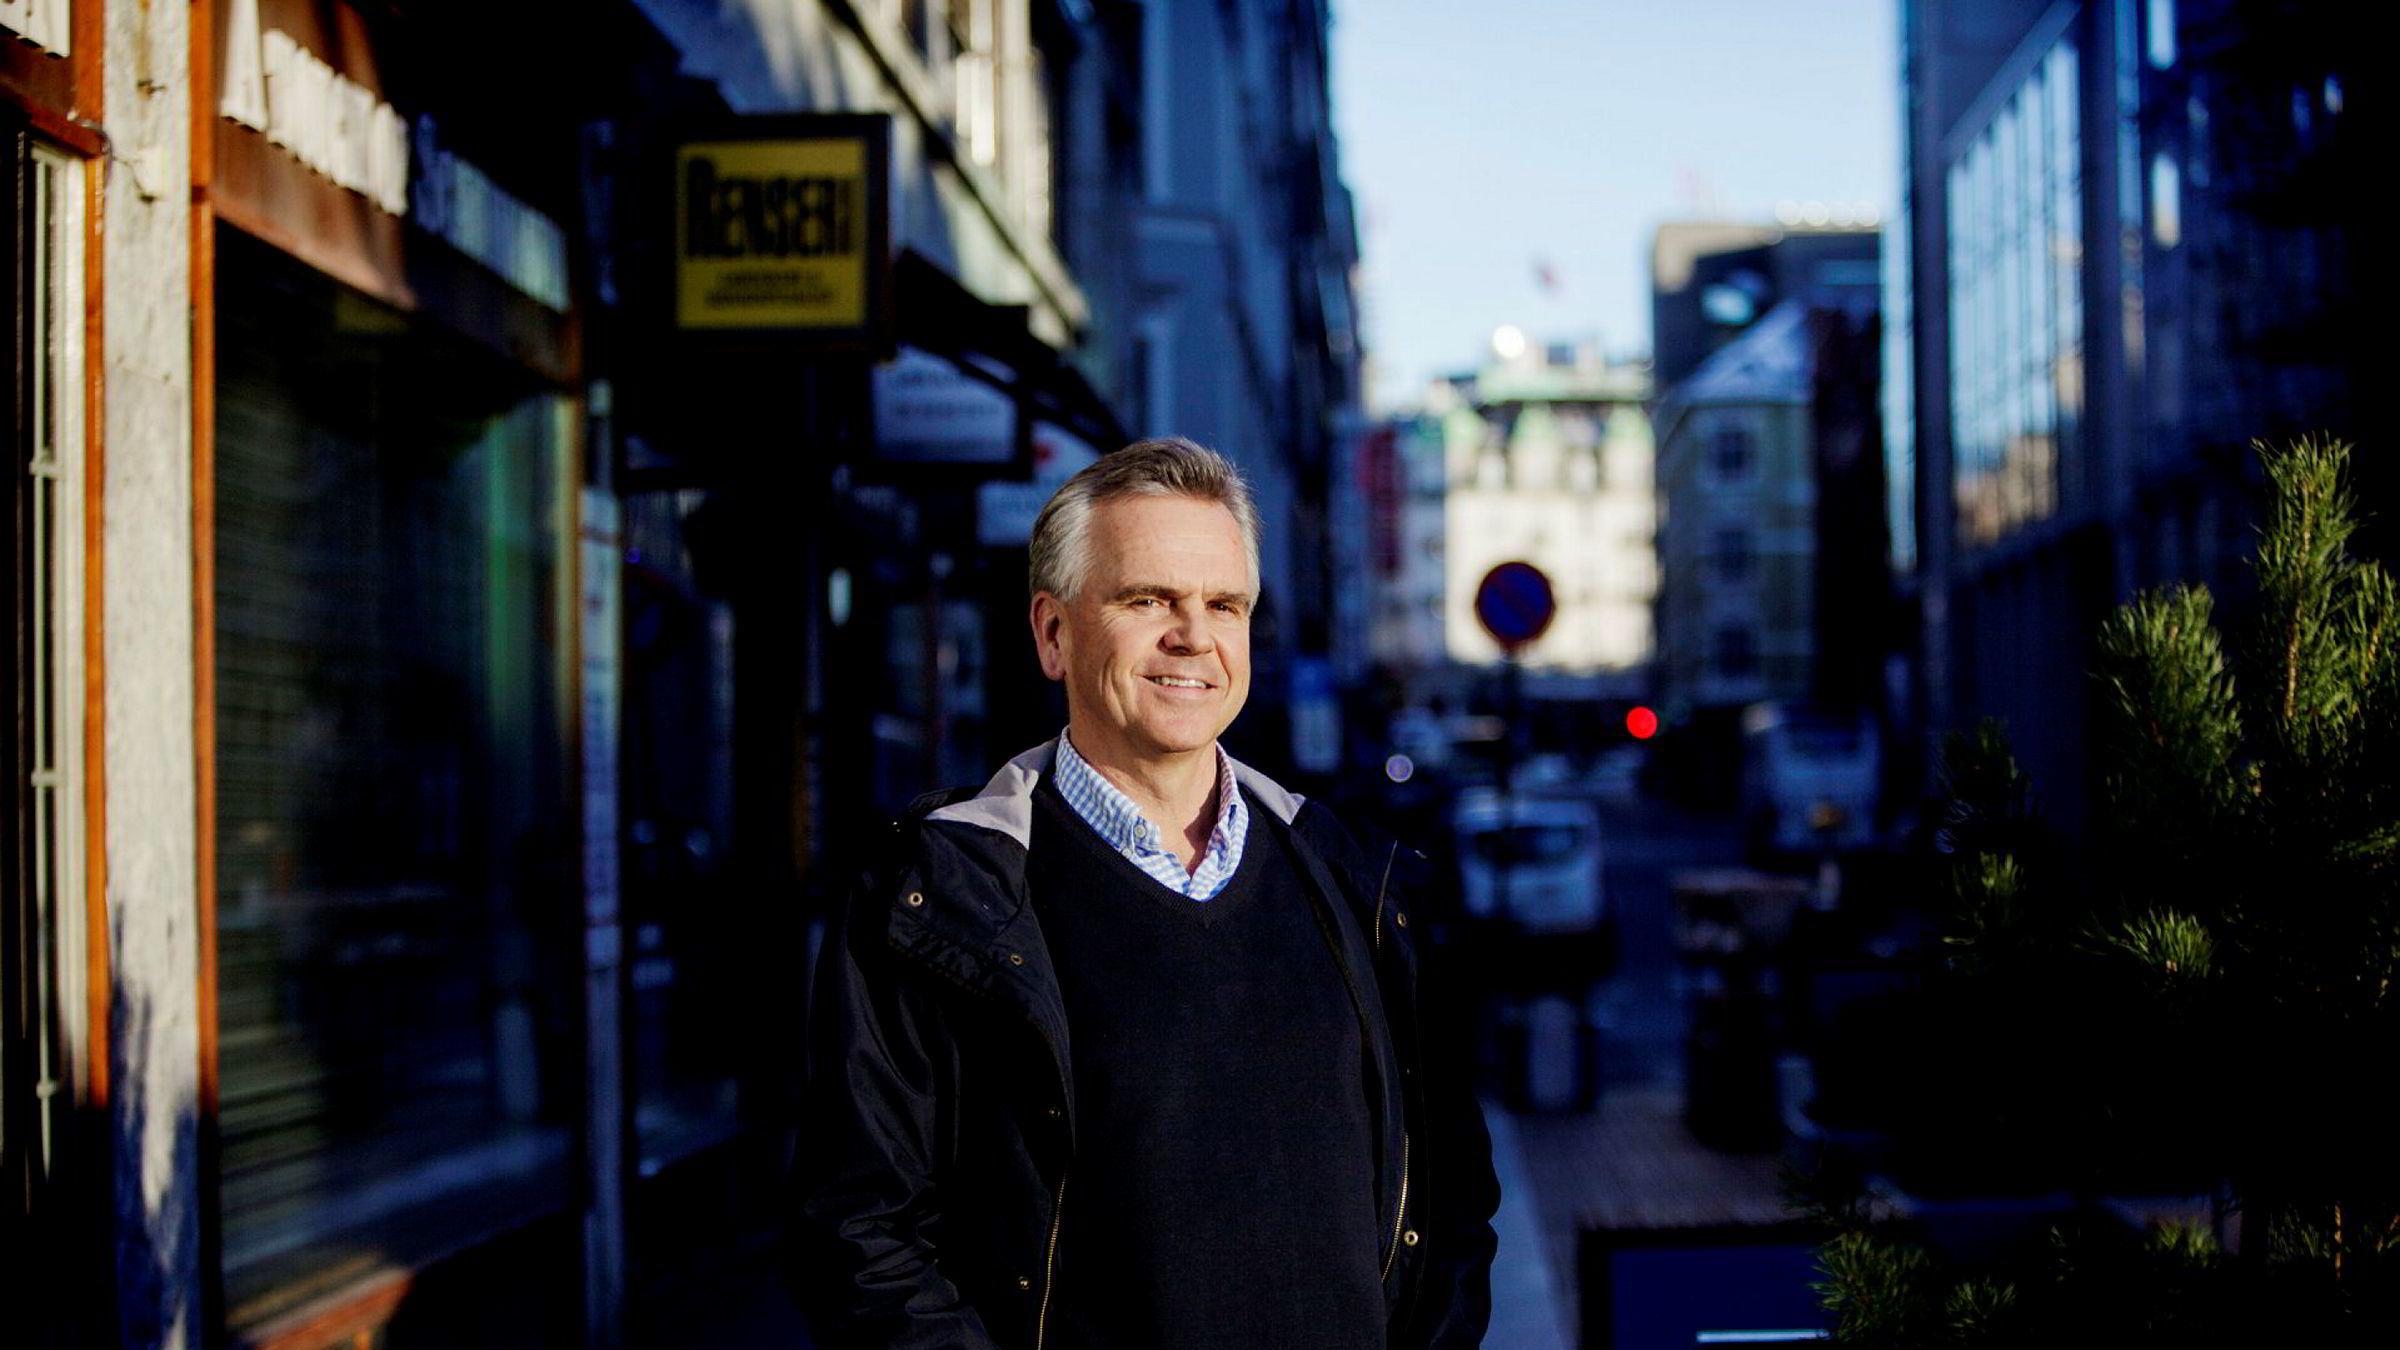 Gramo-direktør Martin Grøndahl fryser utbetalingene til Norsk Artistforbund. Gramo ønsker ikke å sende penger øremerket norsk utøvende kunst rett til kemneren.